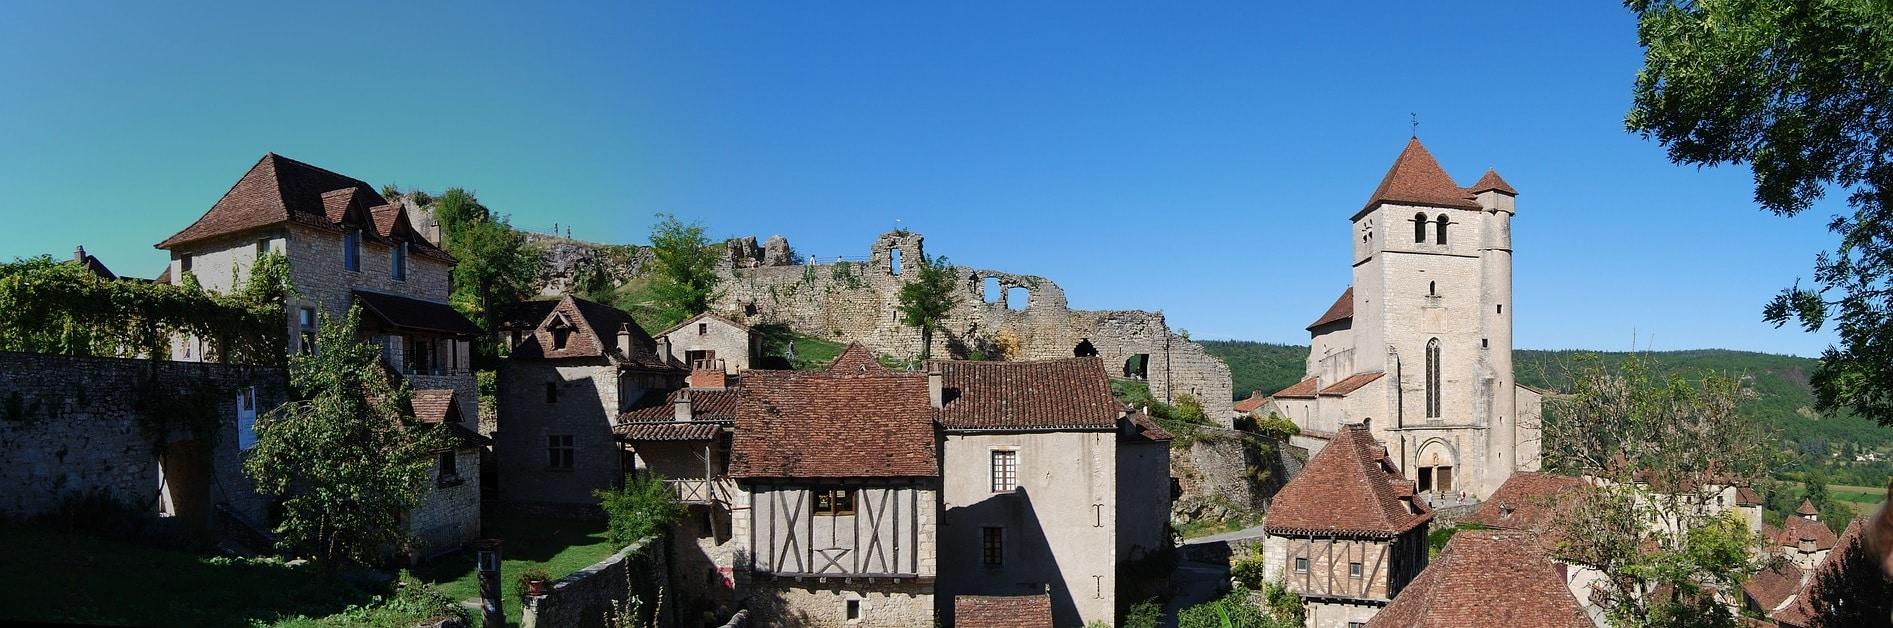 St-Cirq Lapopie panorama view